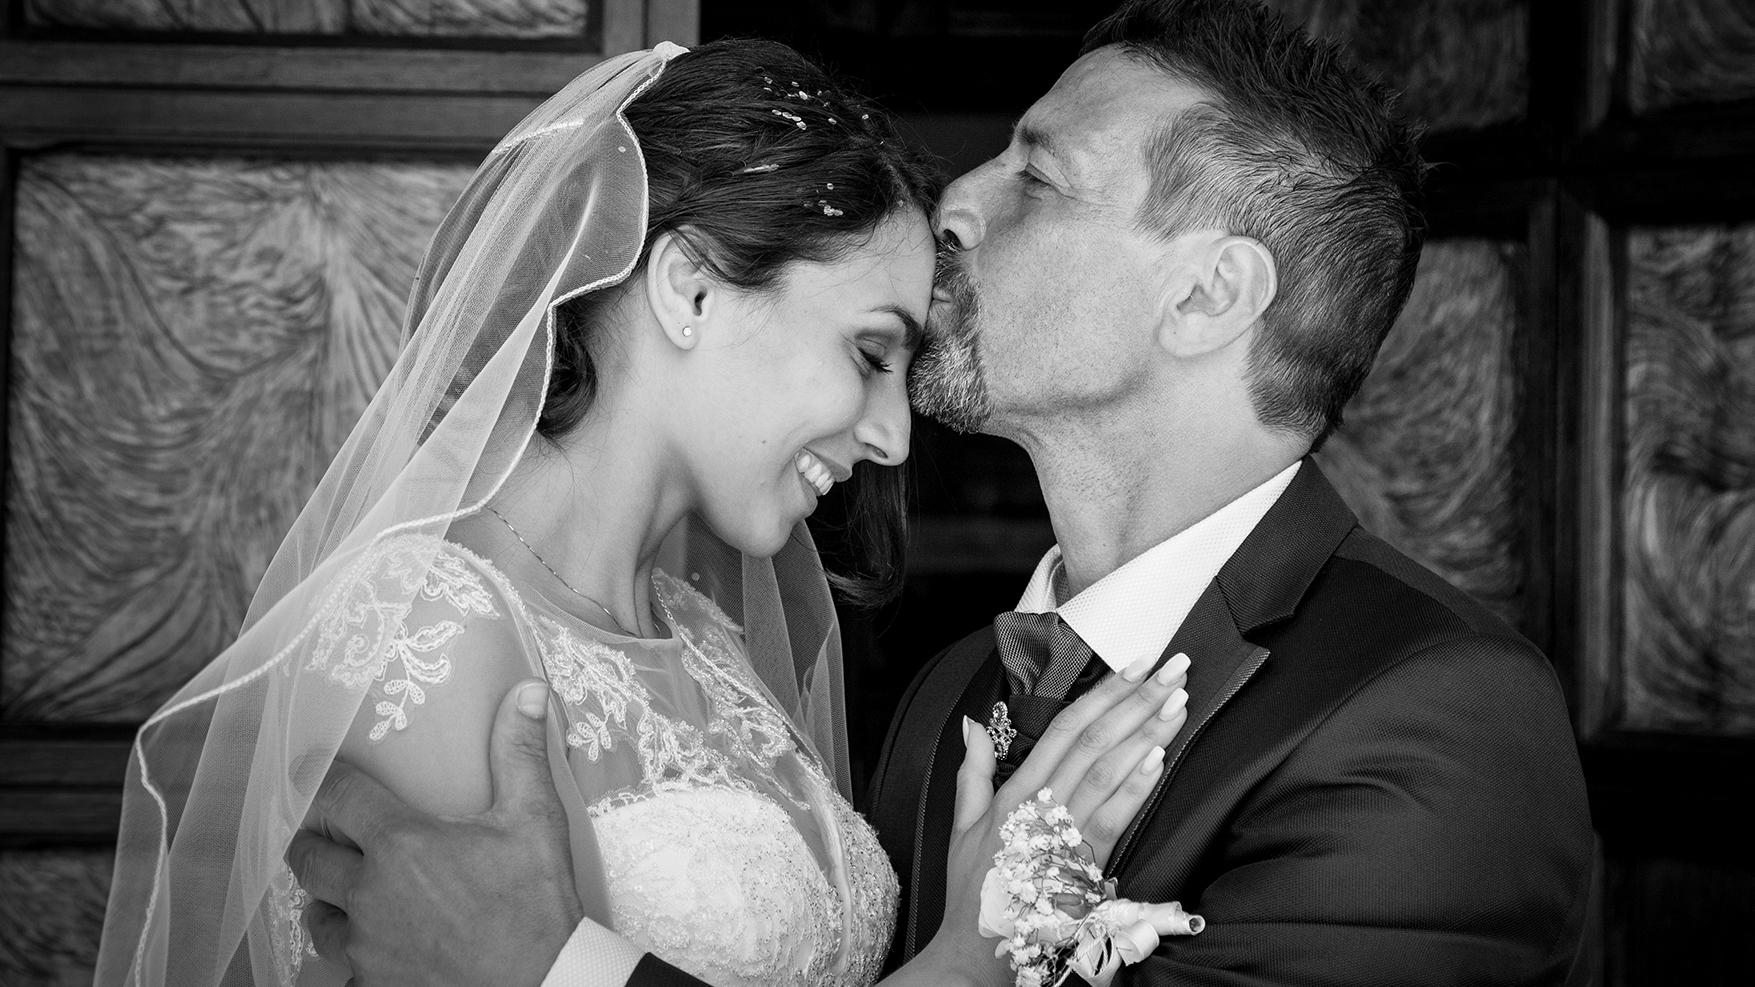 Matrimonio_Sito-6